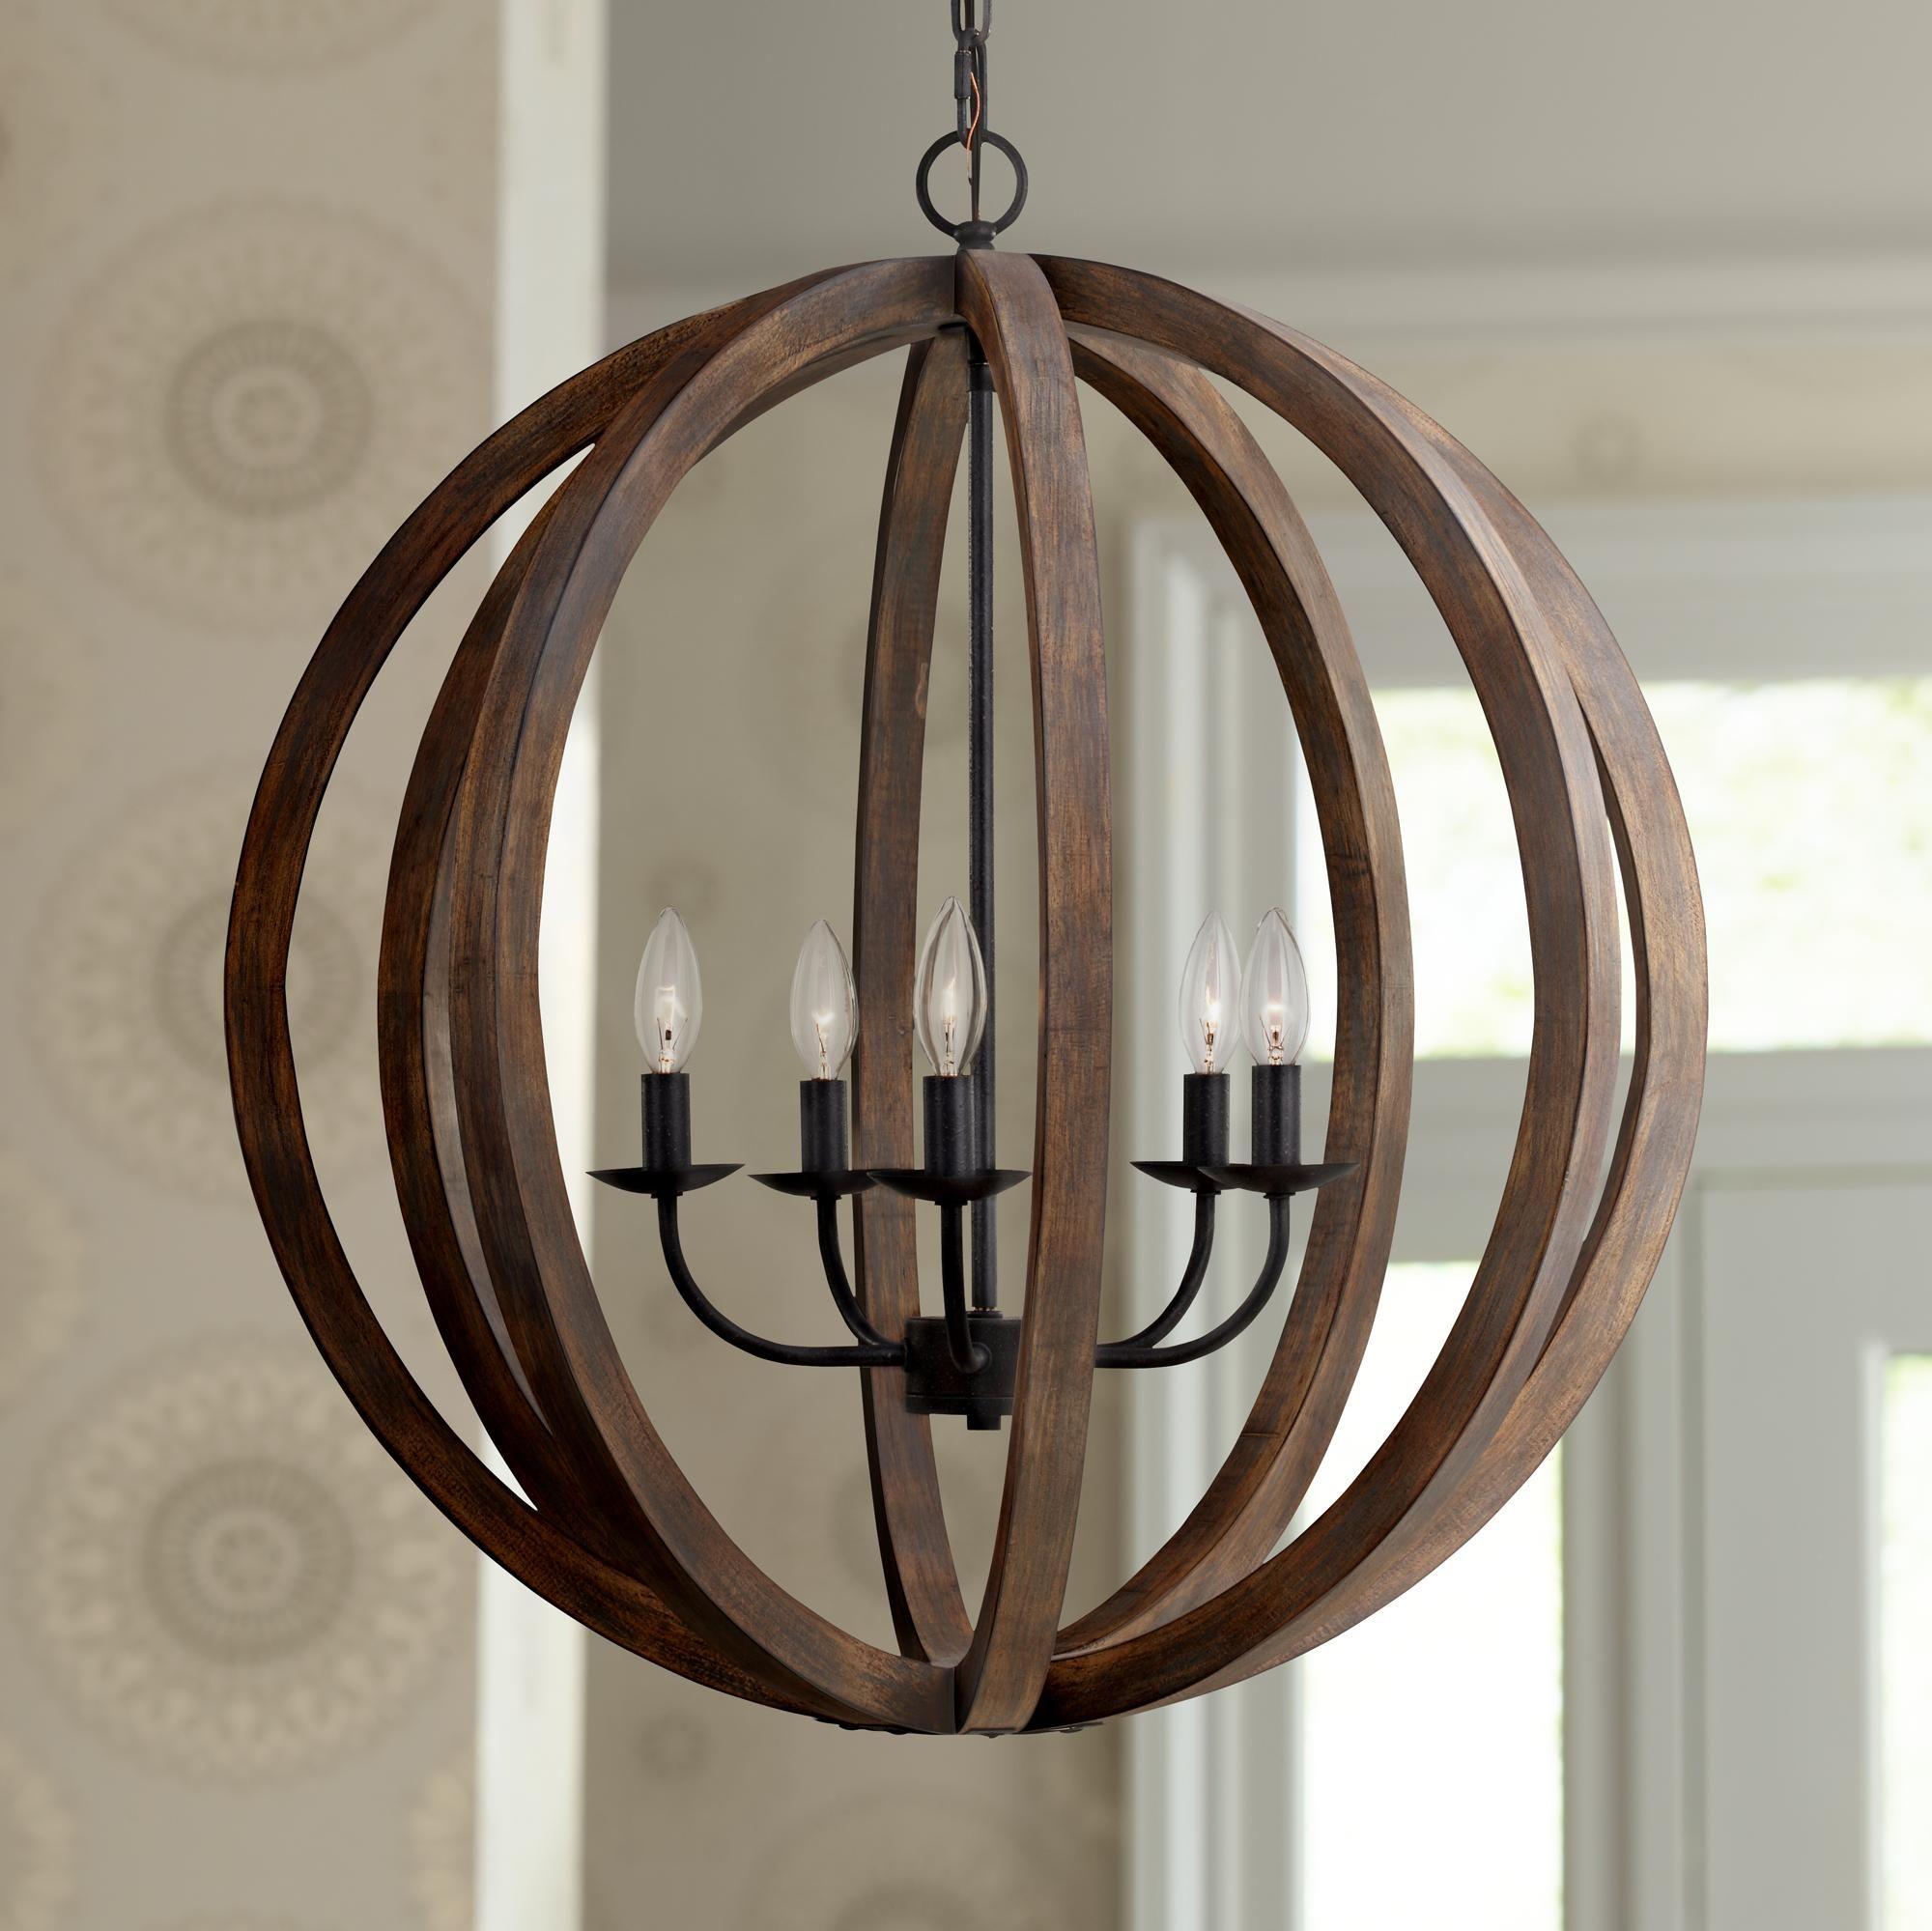 Feiss allier 26w weathered oak wood orb pendant light pendant orb chandelier feiss allier 26 wide weathered oak wood pendant light arubaitofo Gallery